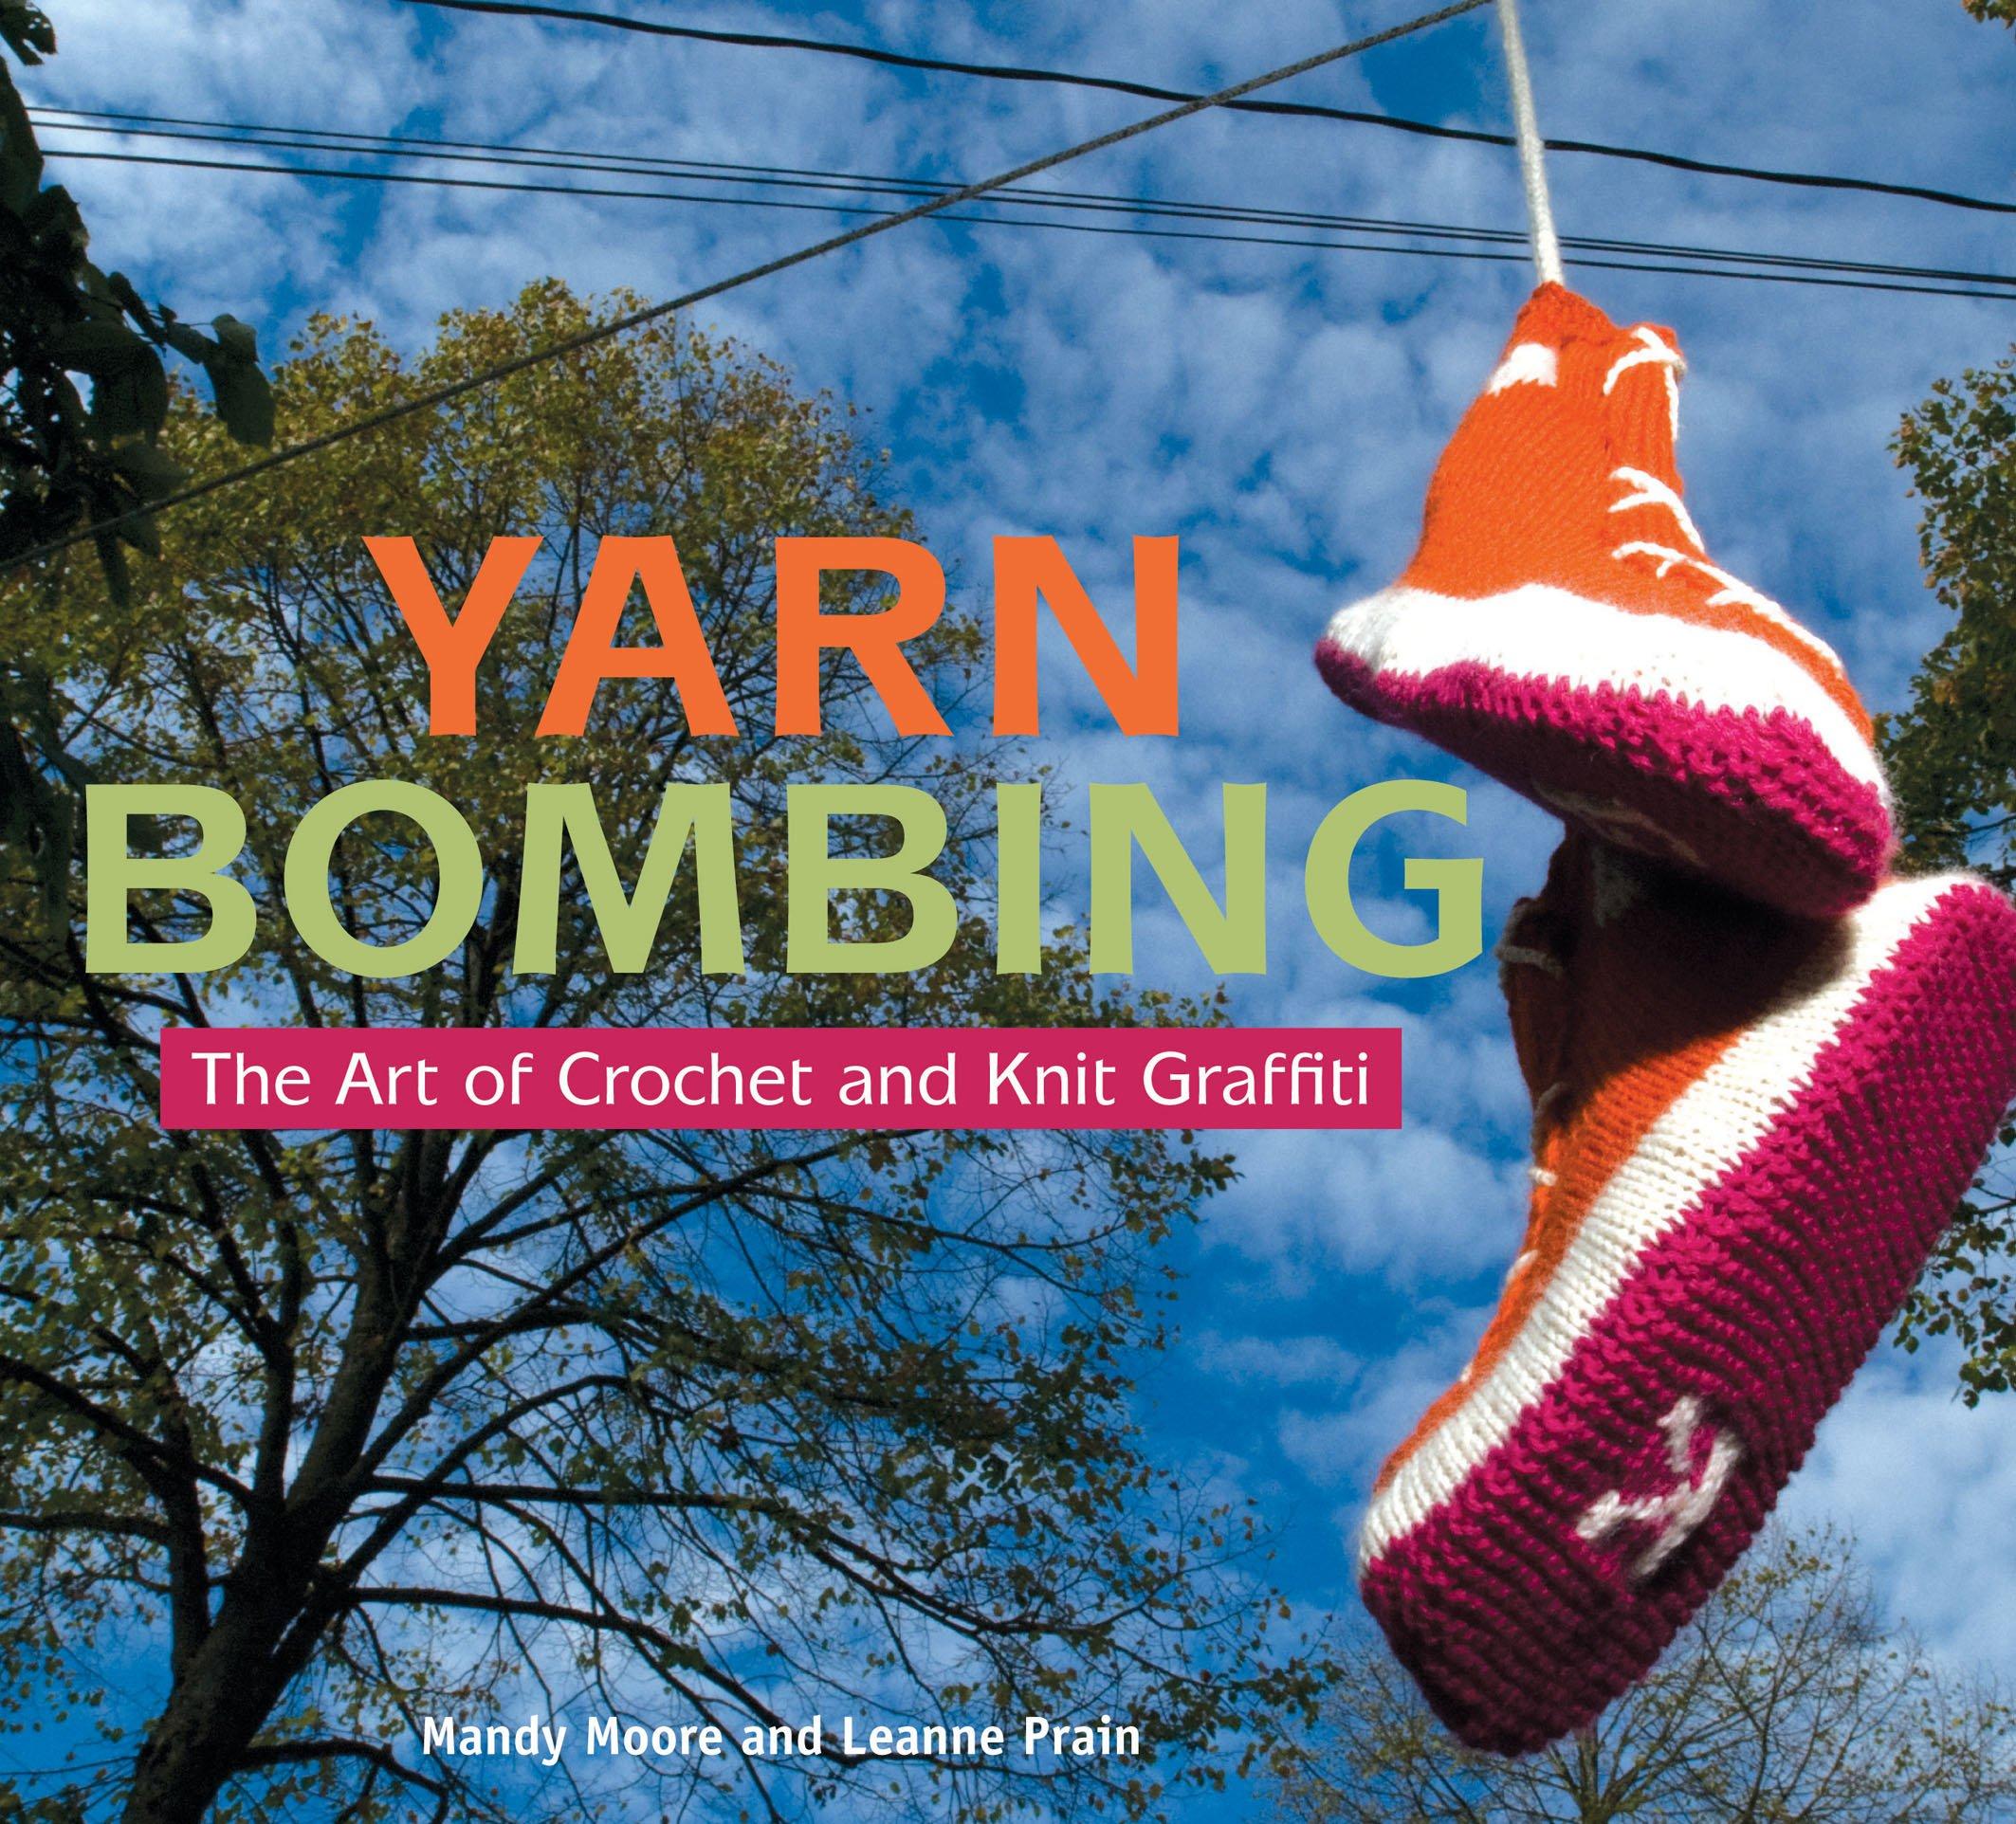 Yarn Bombing: The Art of Crochet and Knit Graffiti